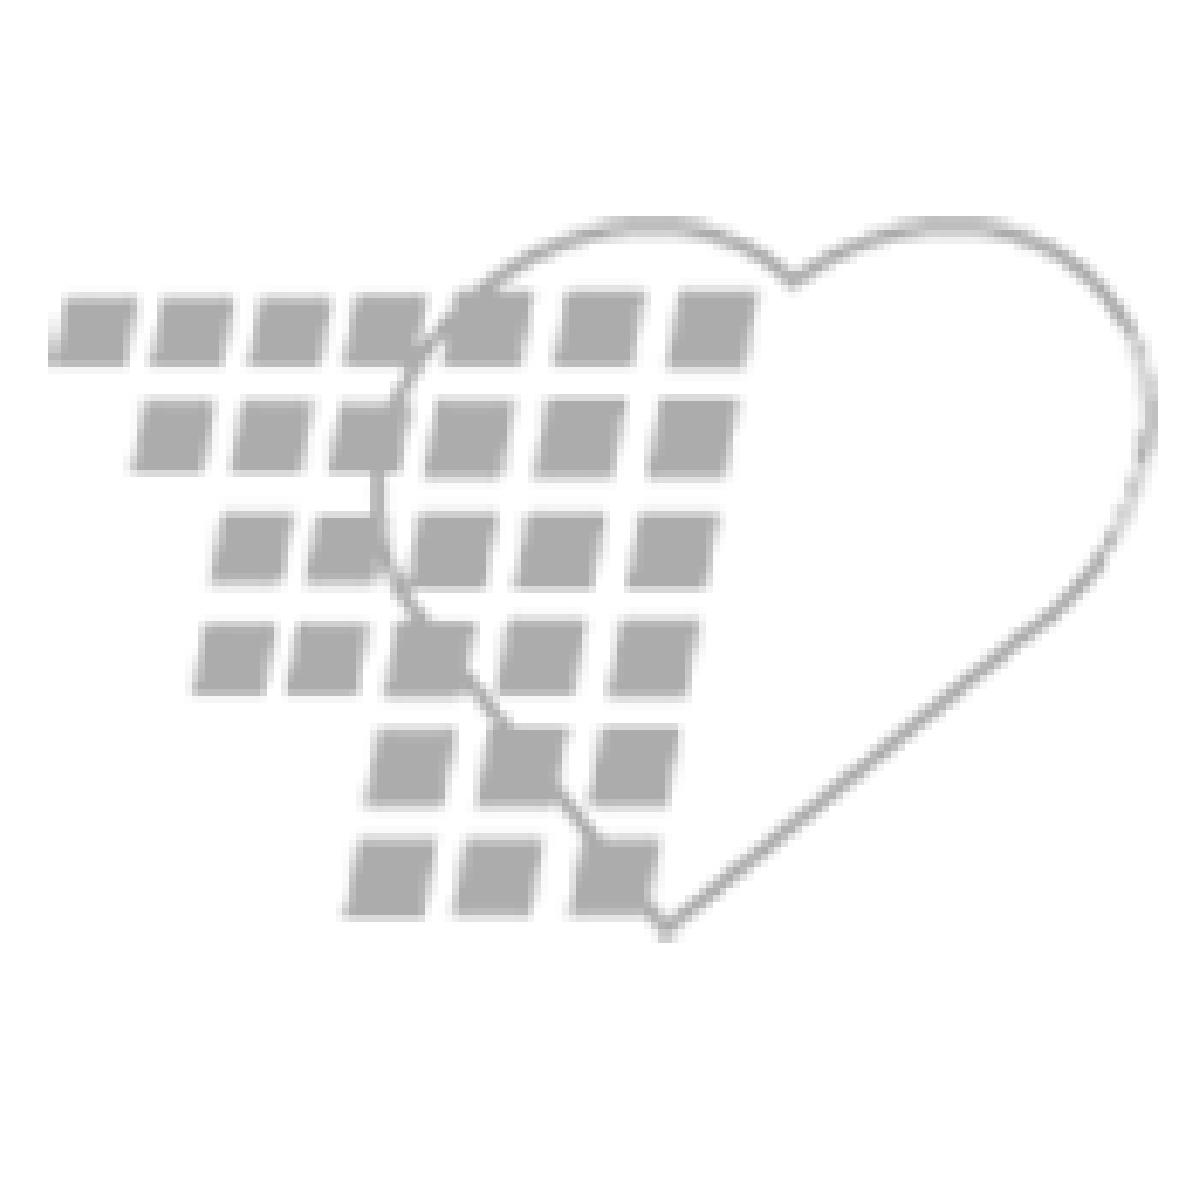 02-38-4006 - GLUCOCARD® 01 Control Solution